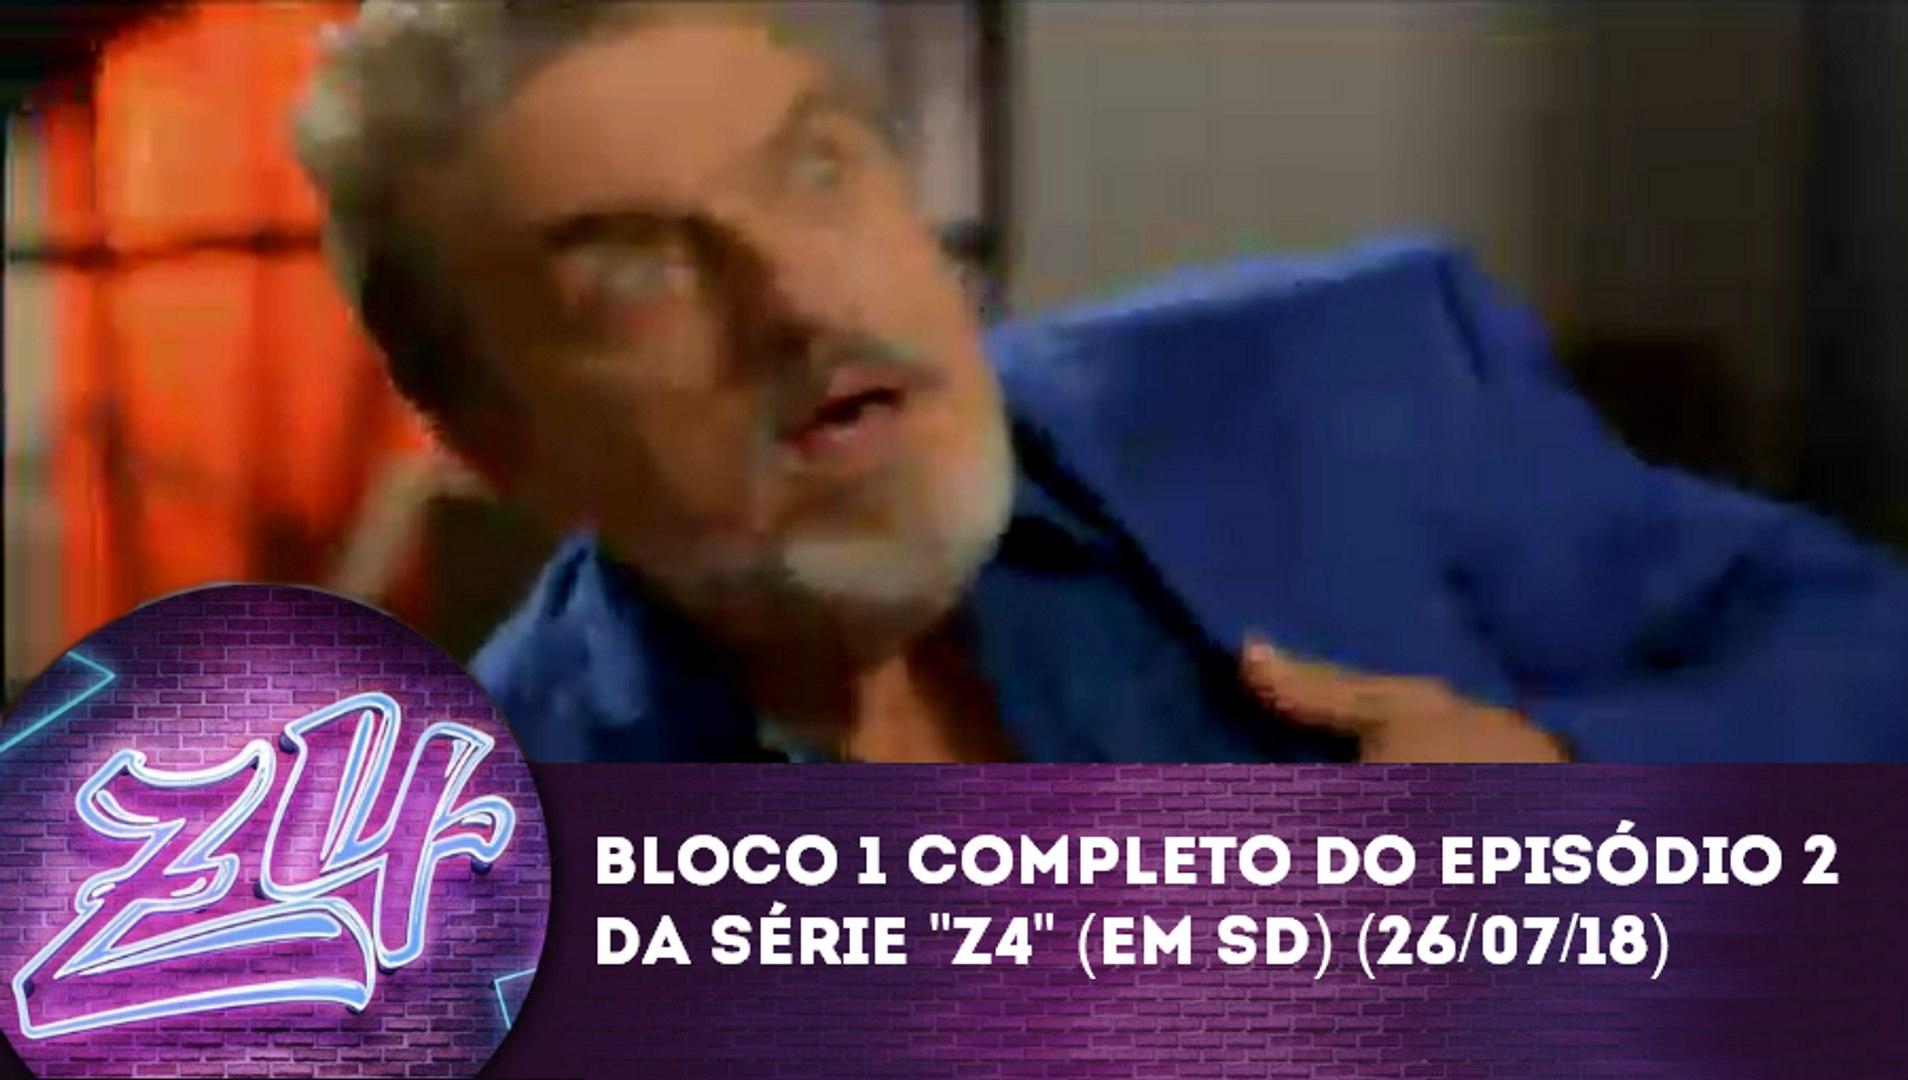 Bloco 1 completo da série Z4 - Episódio 2 no SBT (SD) (26/07/18)